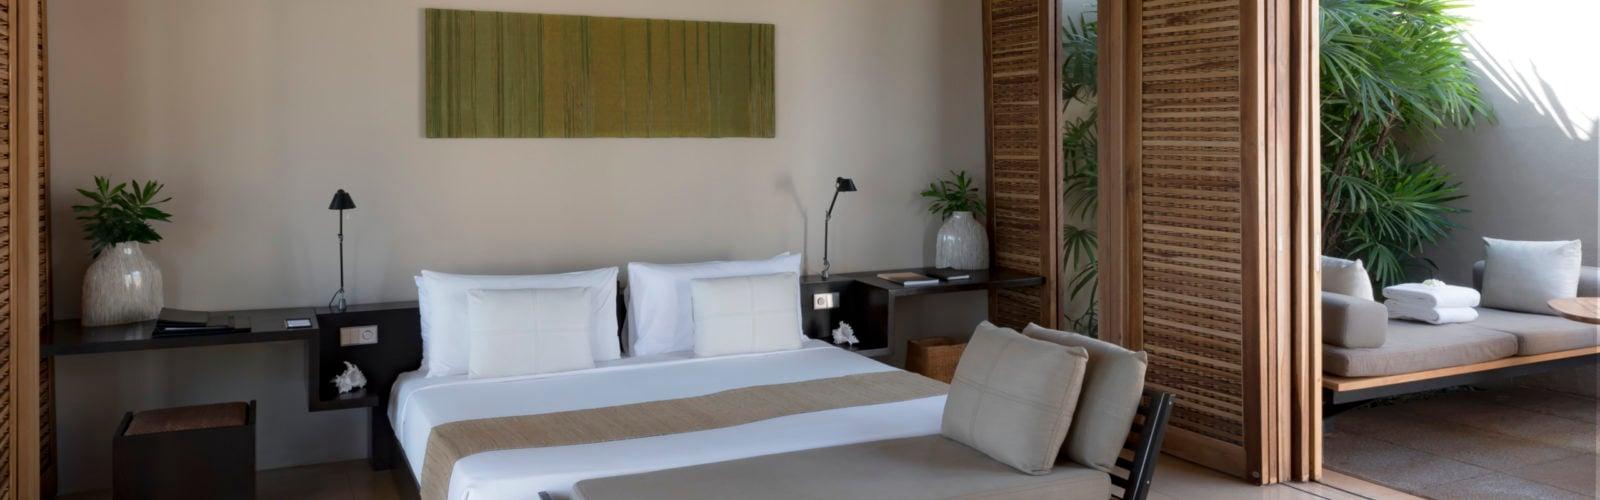 amanwella-bedroom